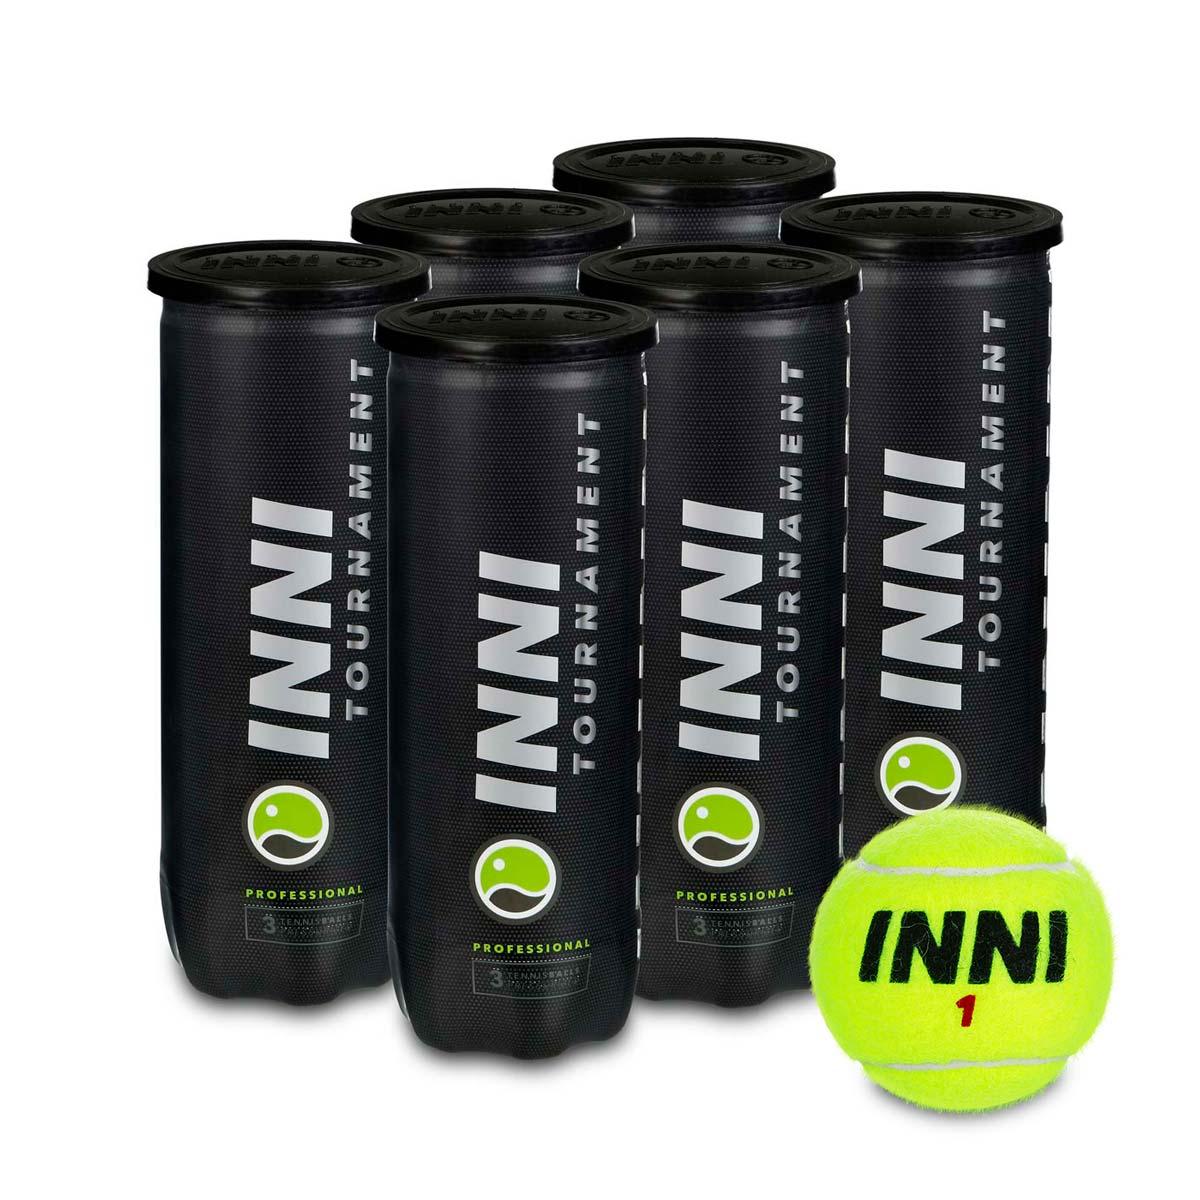 Bola de Tenis INNI Tournament PACK com 6 Tubos